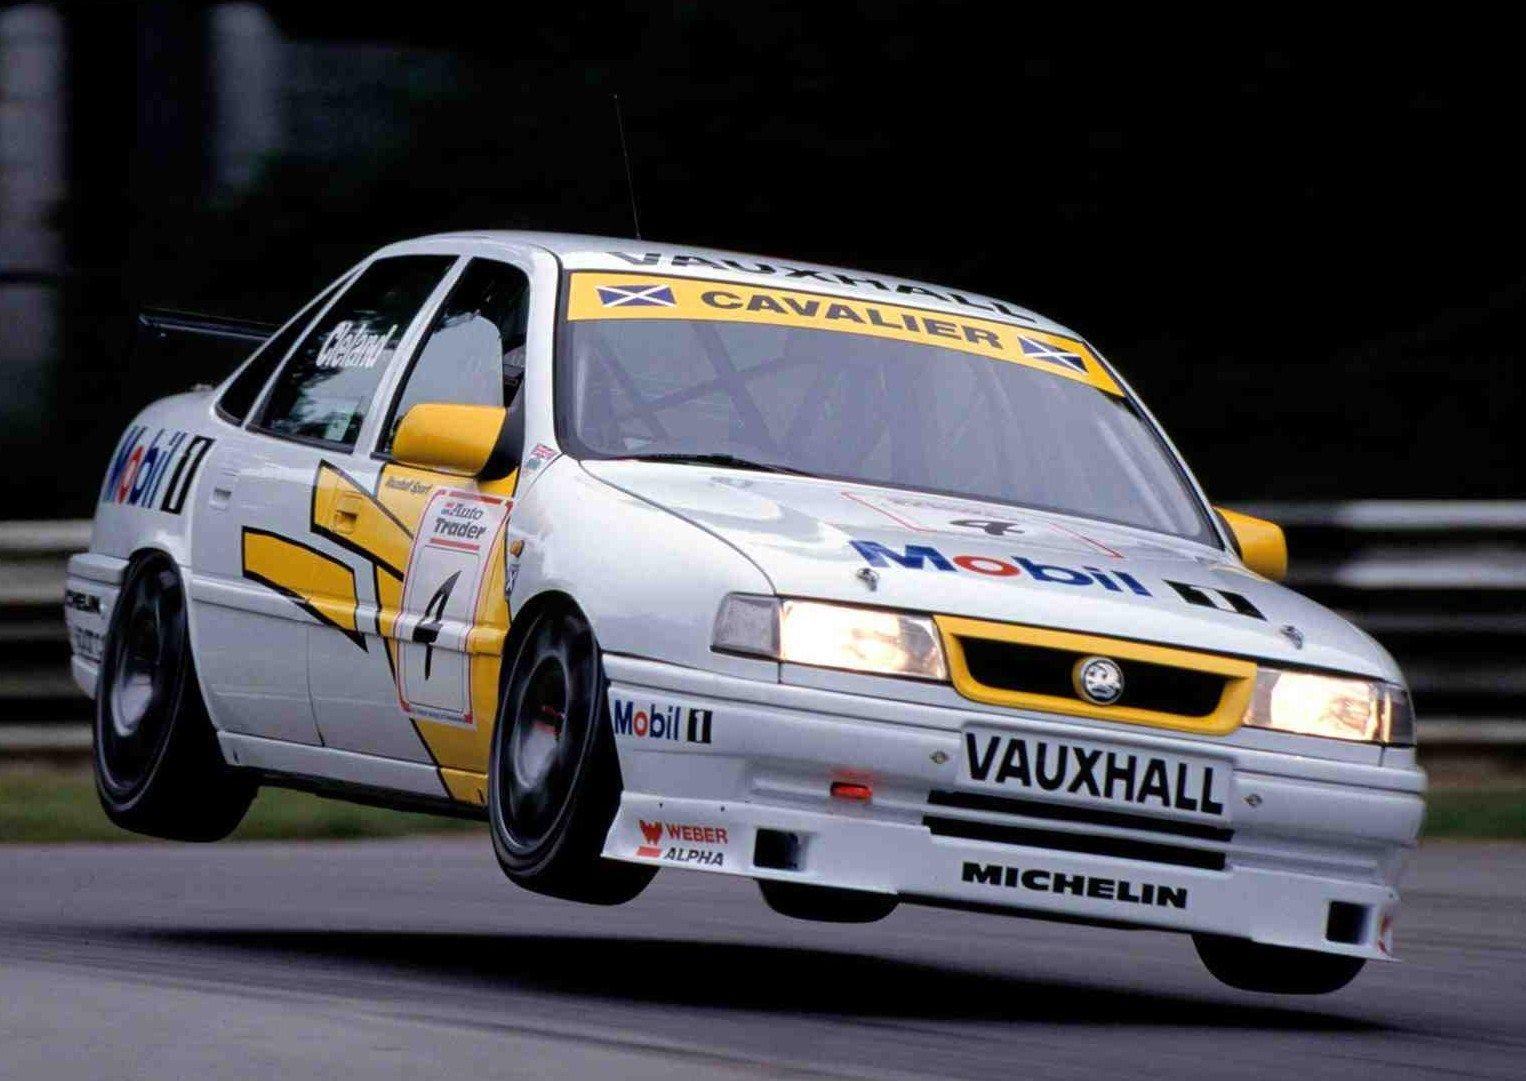 Details about 1995 BTCC British Touring Car Championship